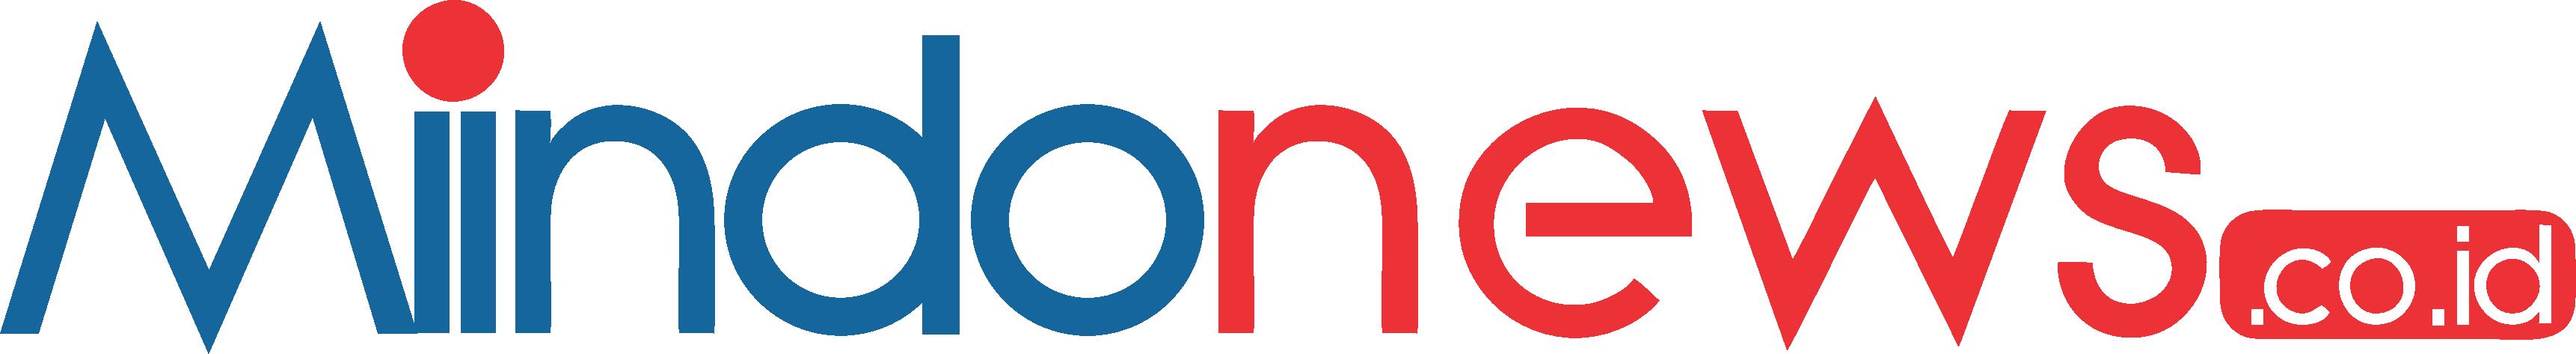 Miindonews